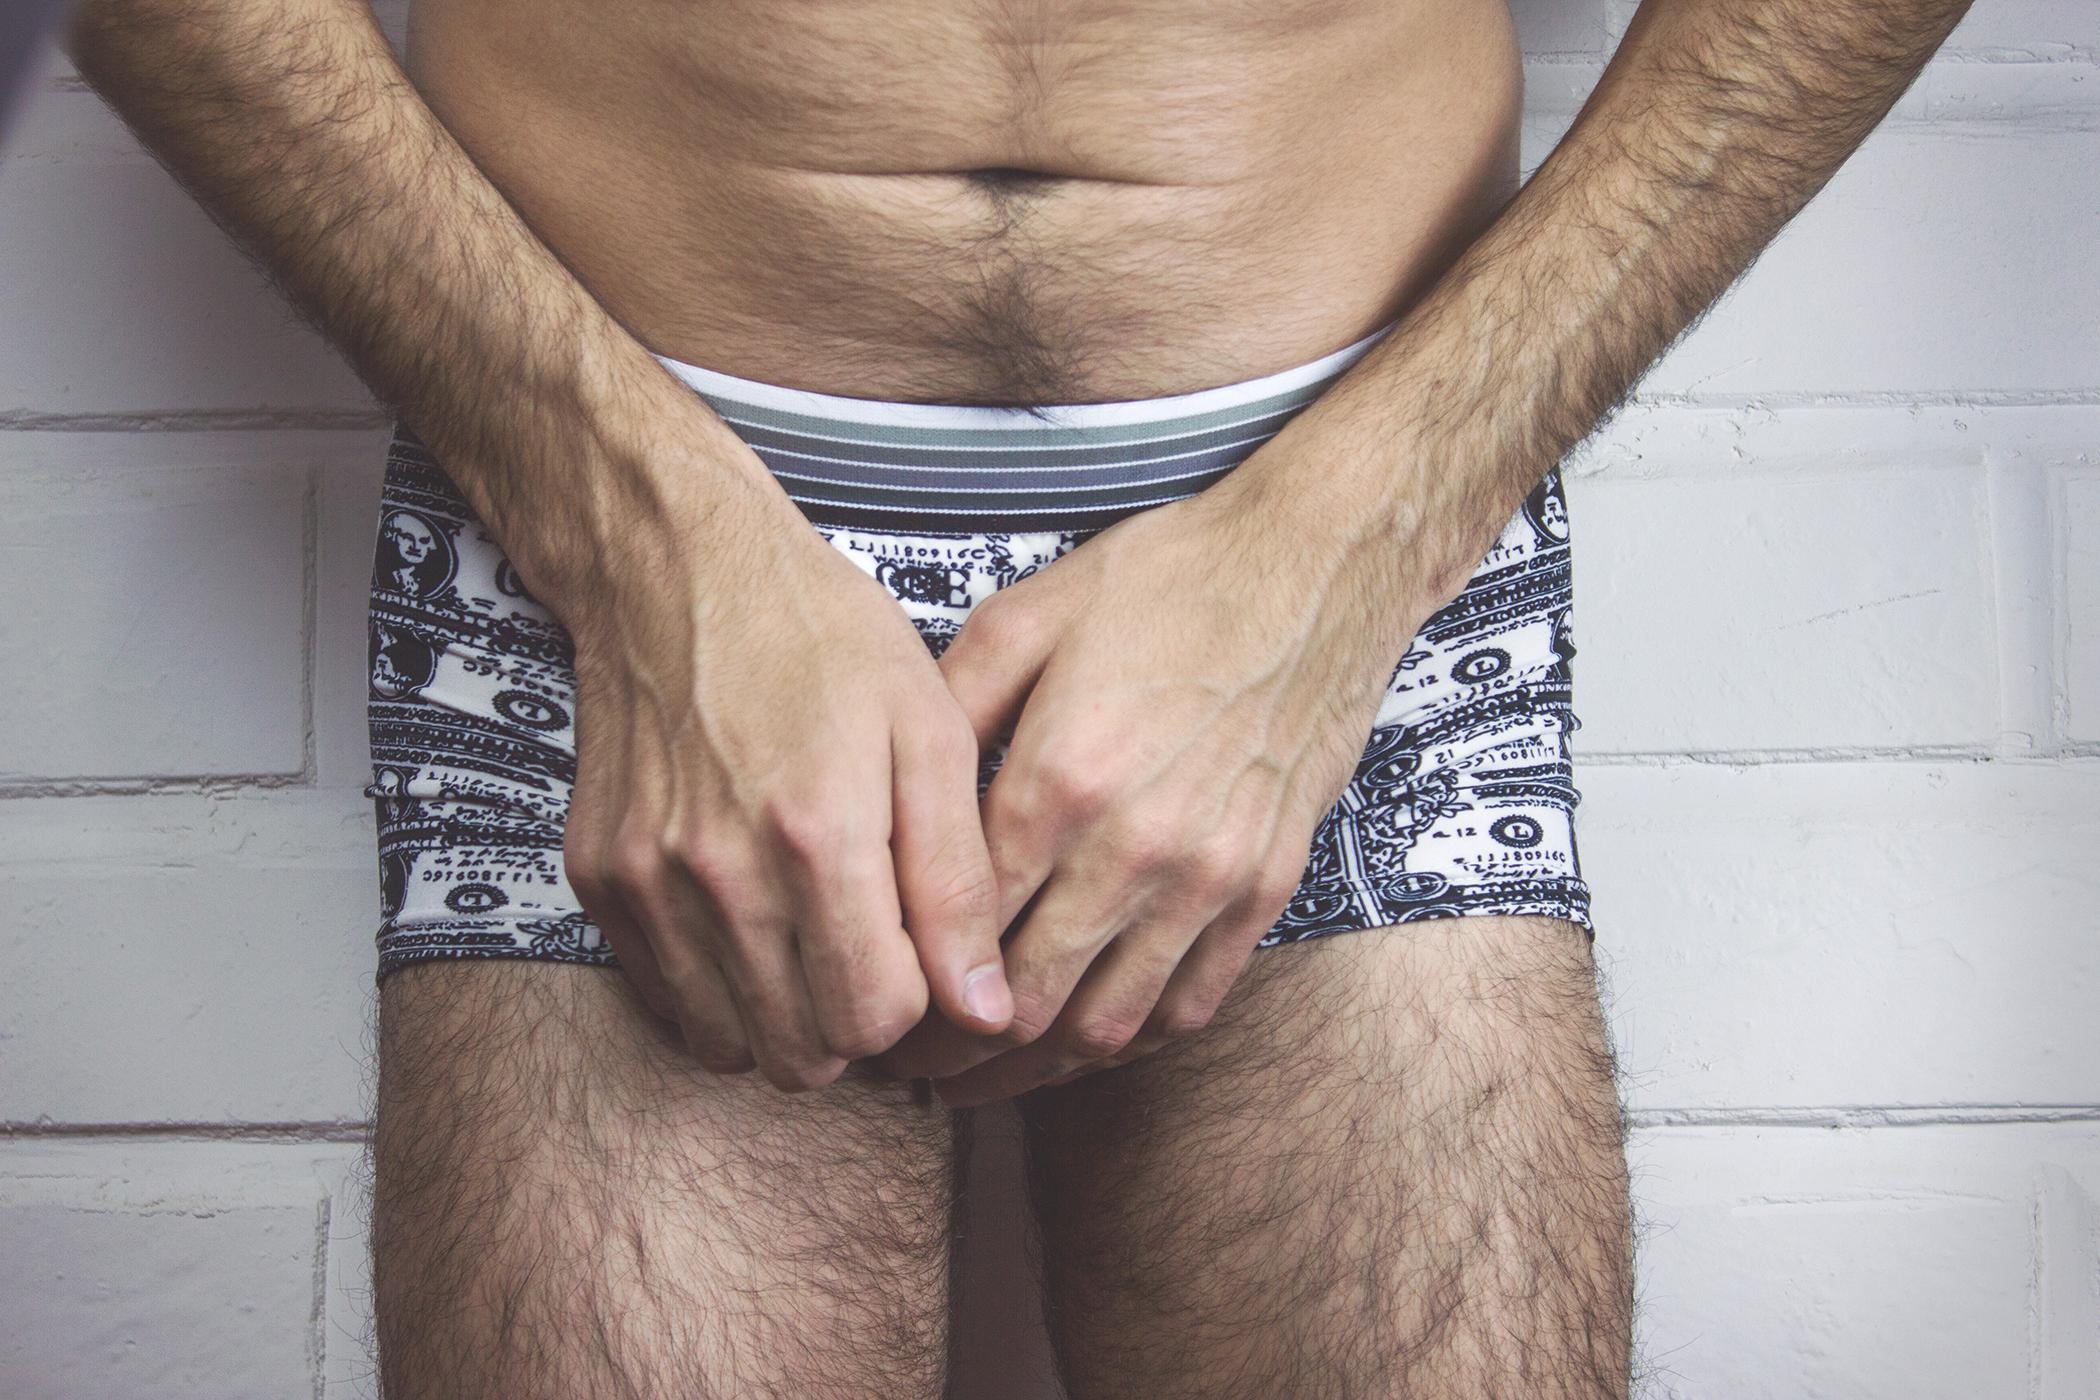 péniszgyűrű mellékletek merevedési zavar prosztatagyulladással